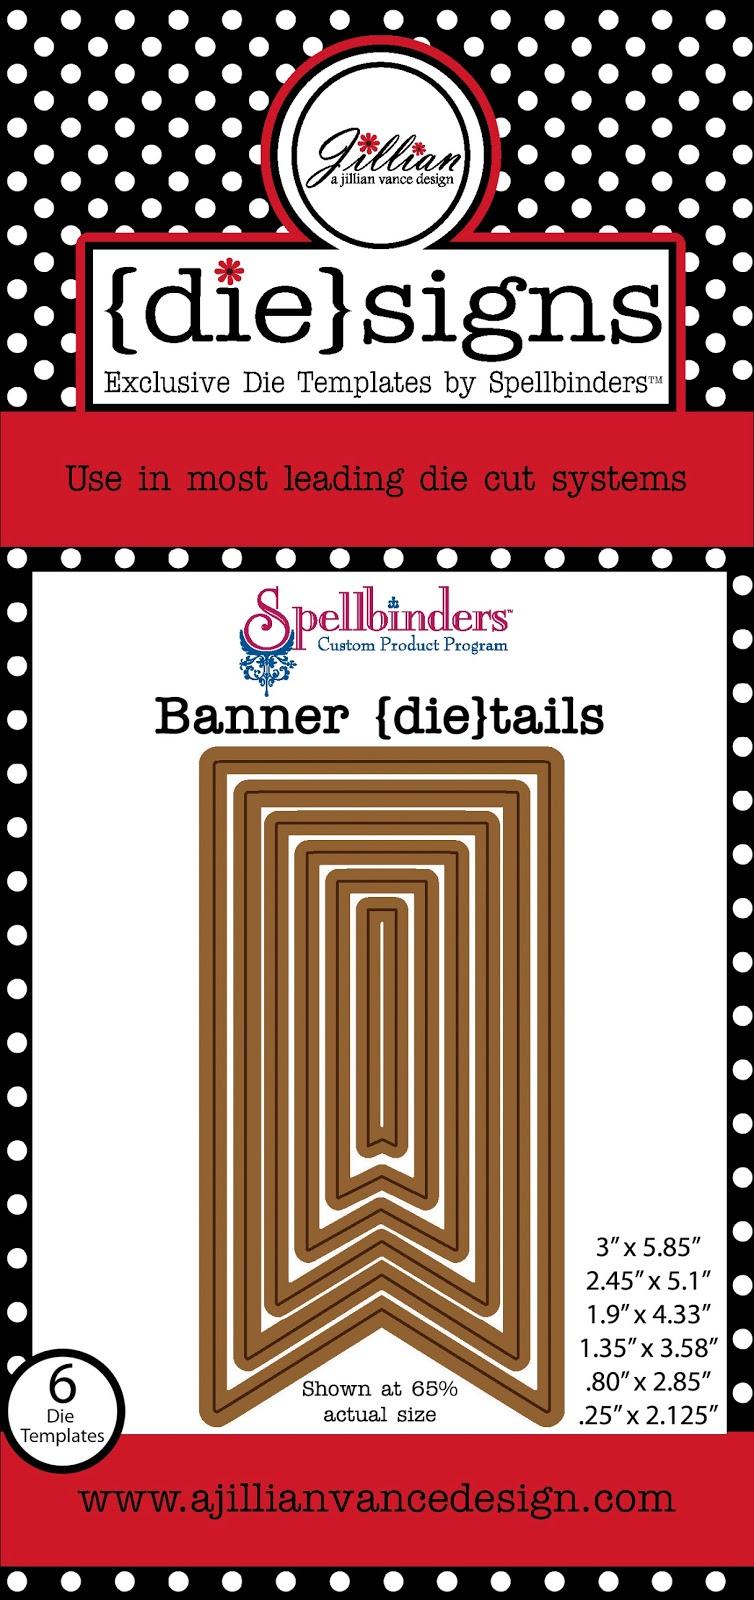 Banner Dietails die set